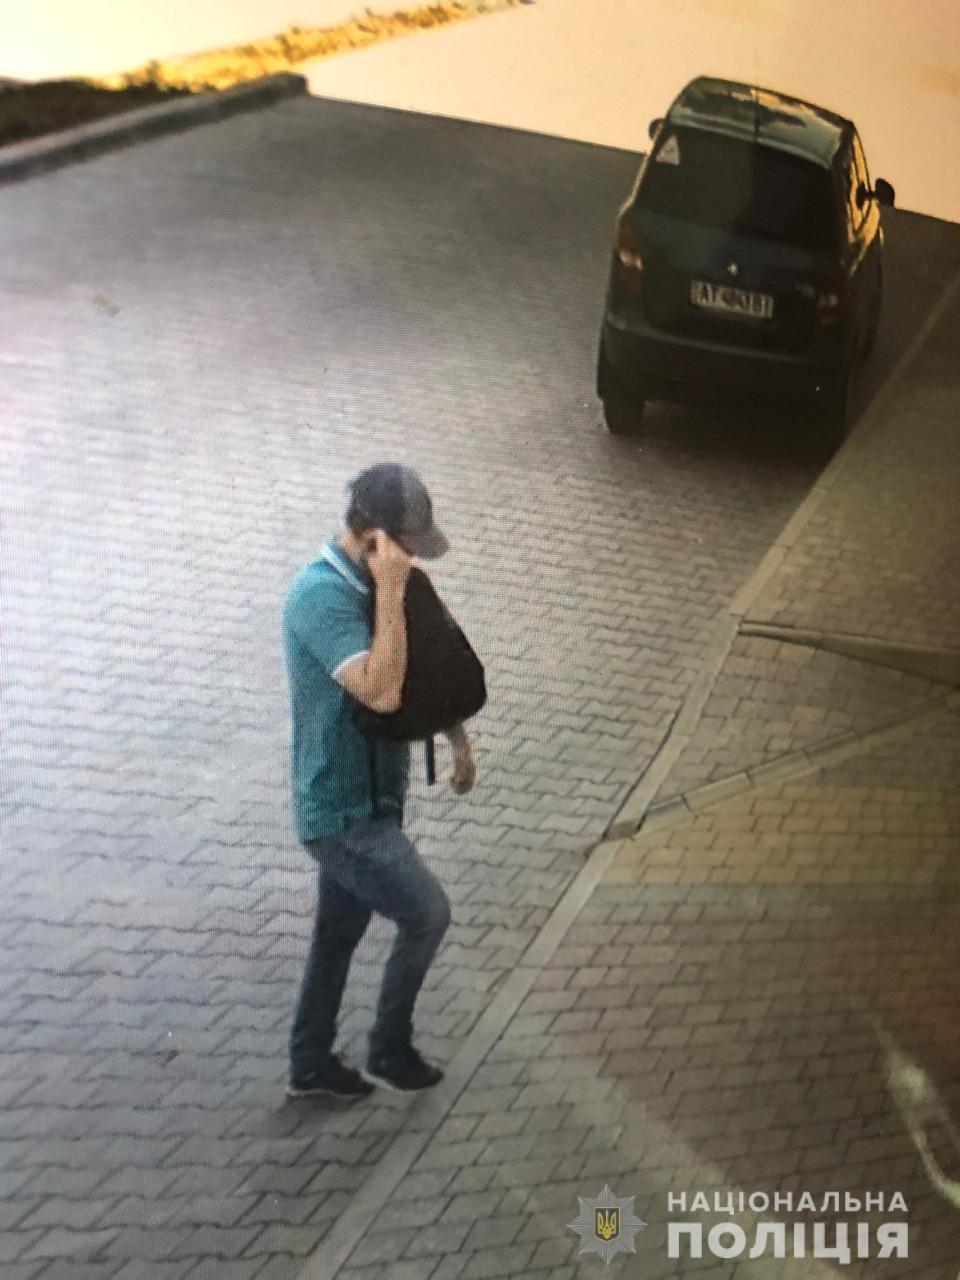 Злодій заліз у квартиру жінки: тернополянка втратила 35000 грн (ВІДЕО)